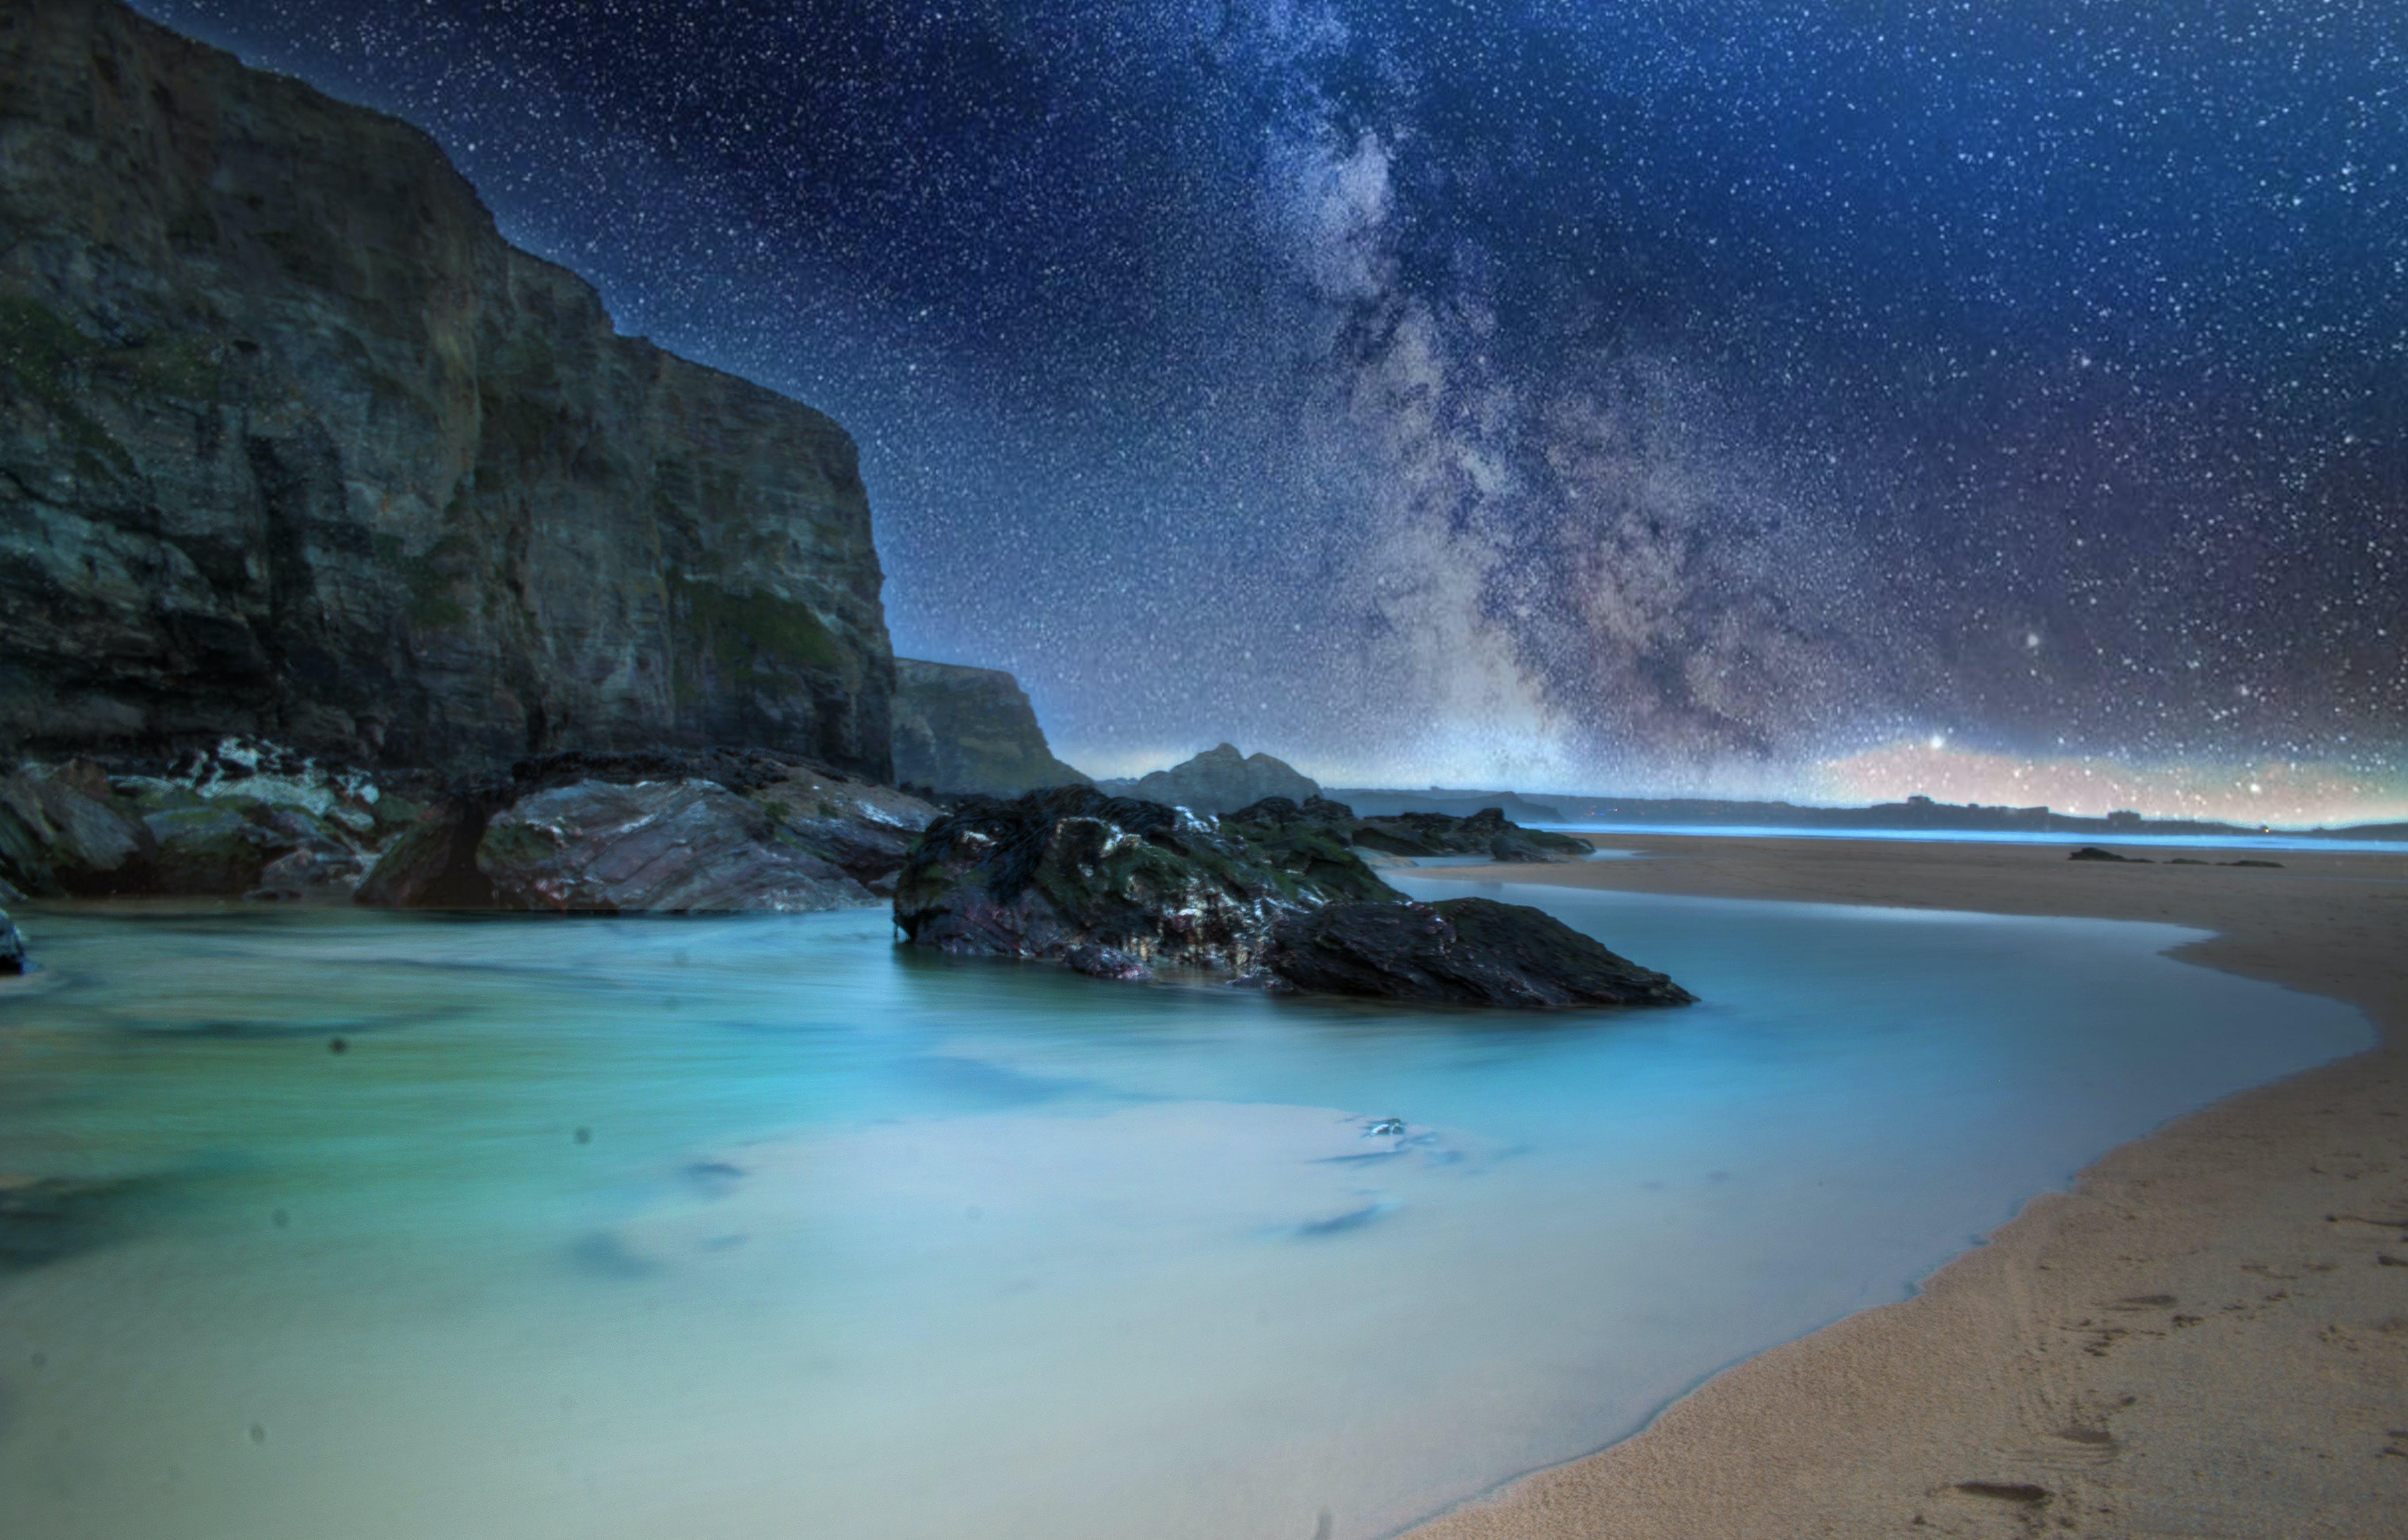 夏天, 夜空, 天空, 山 的 免费素材照片